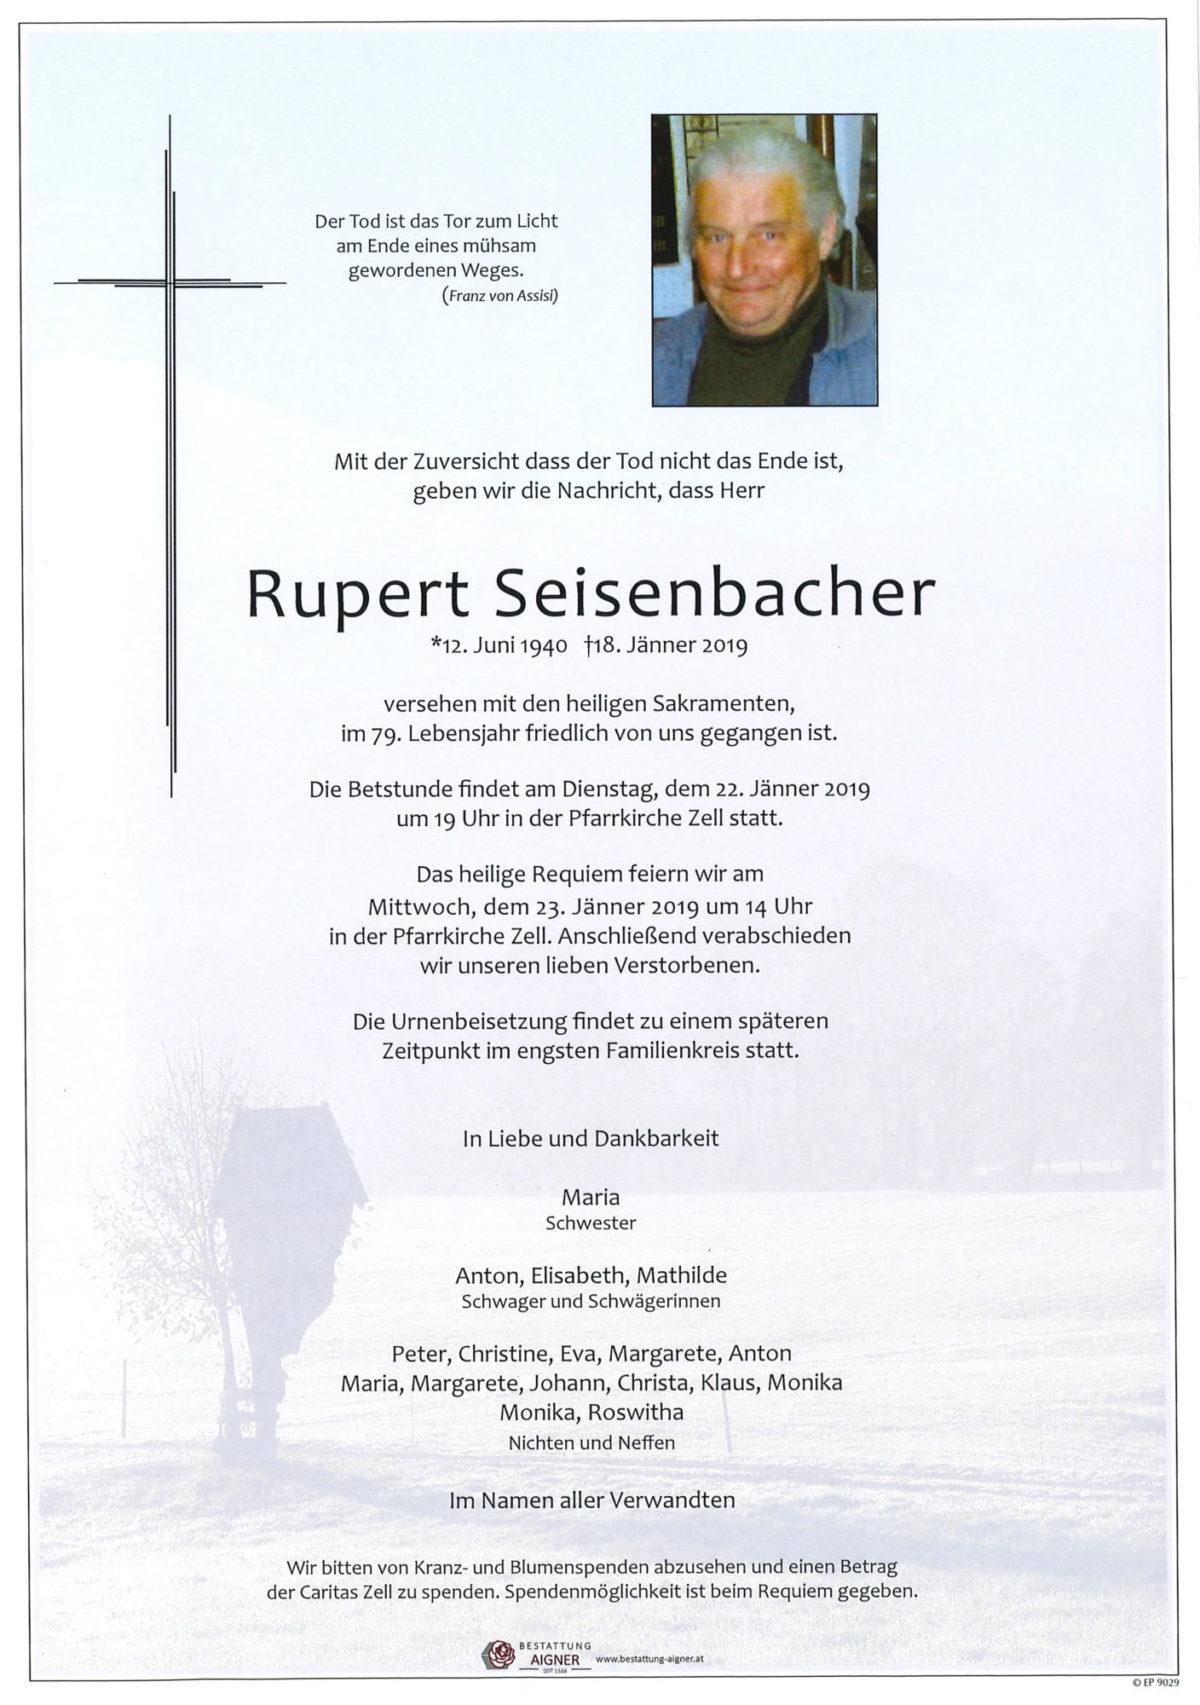 Rupert Seisenbacher